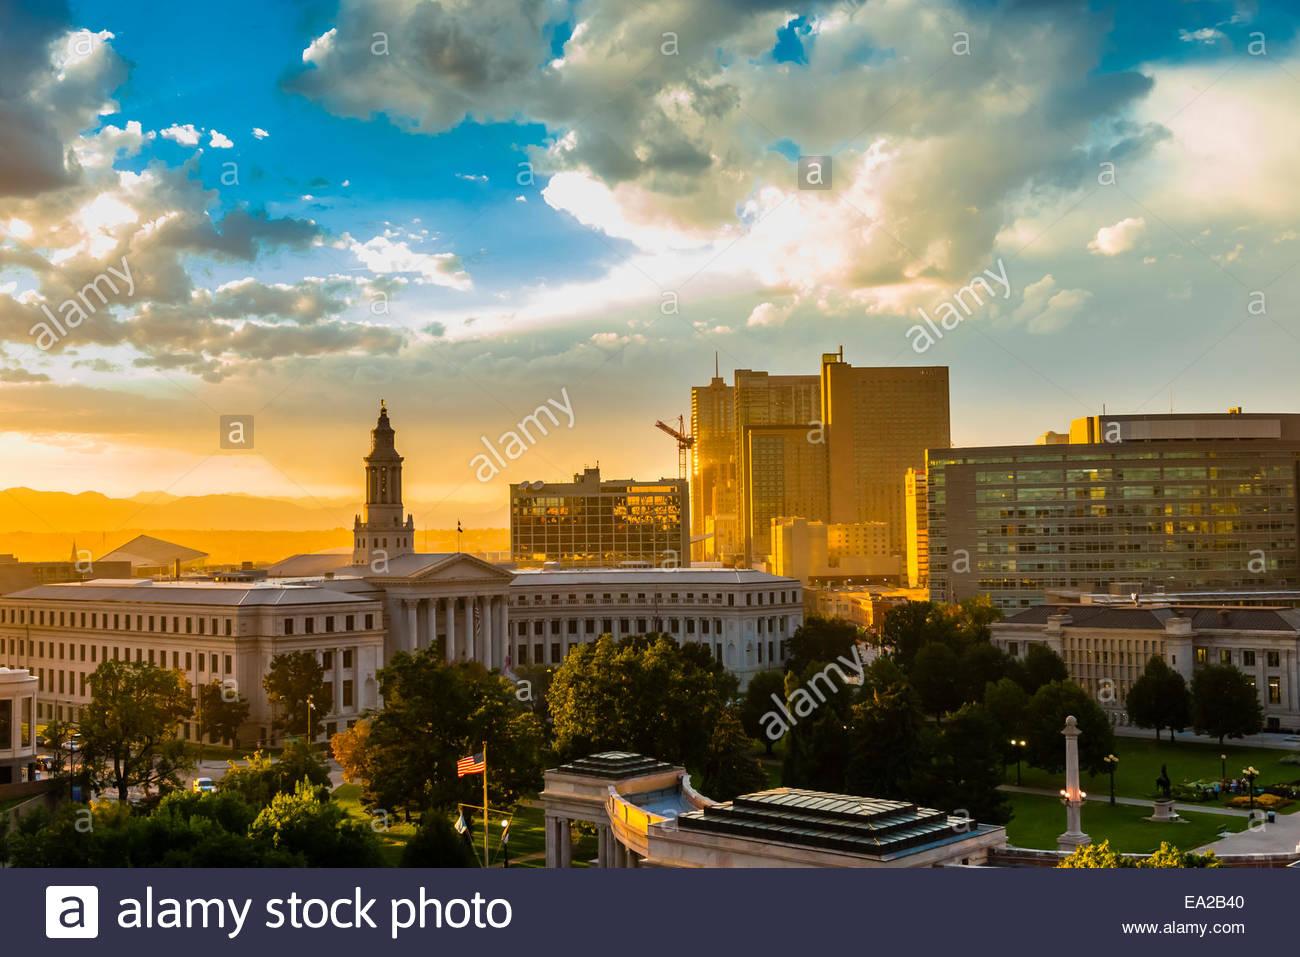 Denver Civic Center and skyline of Downtown Denver, Colorado USA. - Stock Image